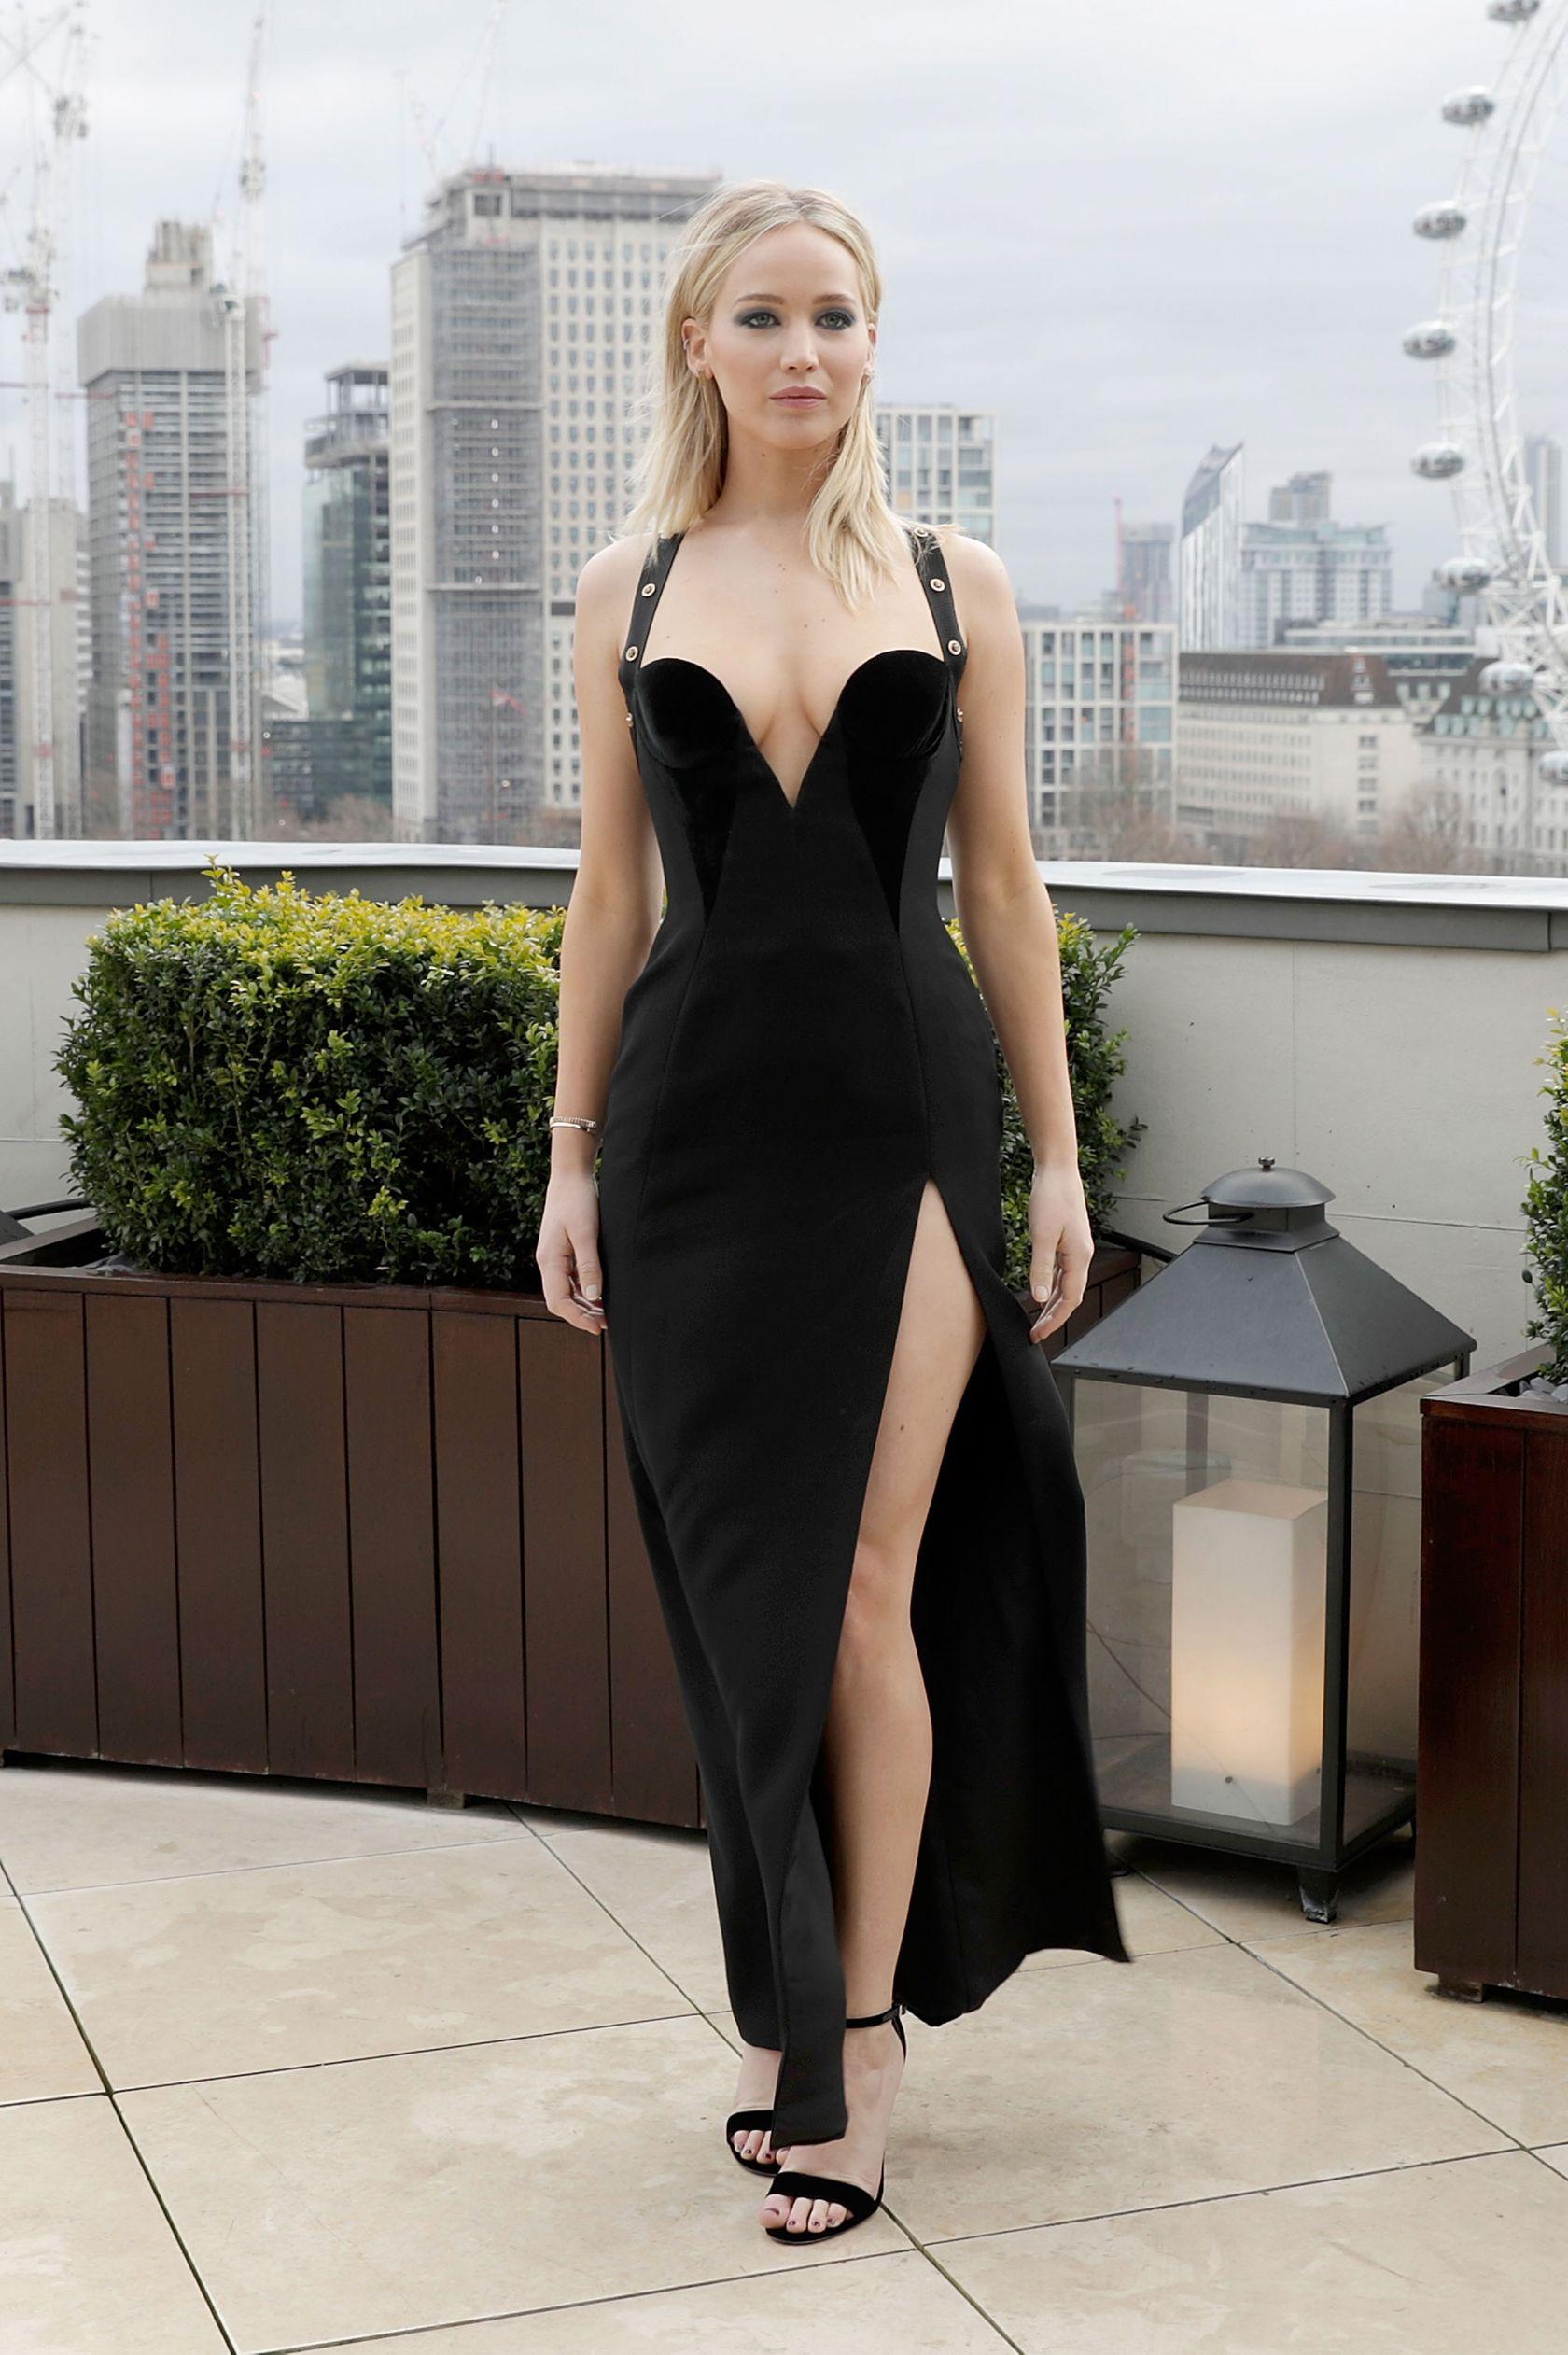 Jennifer Lawrence films